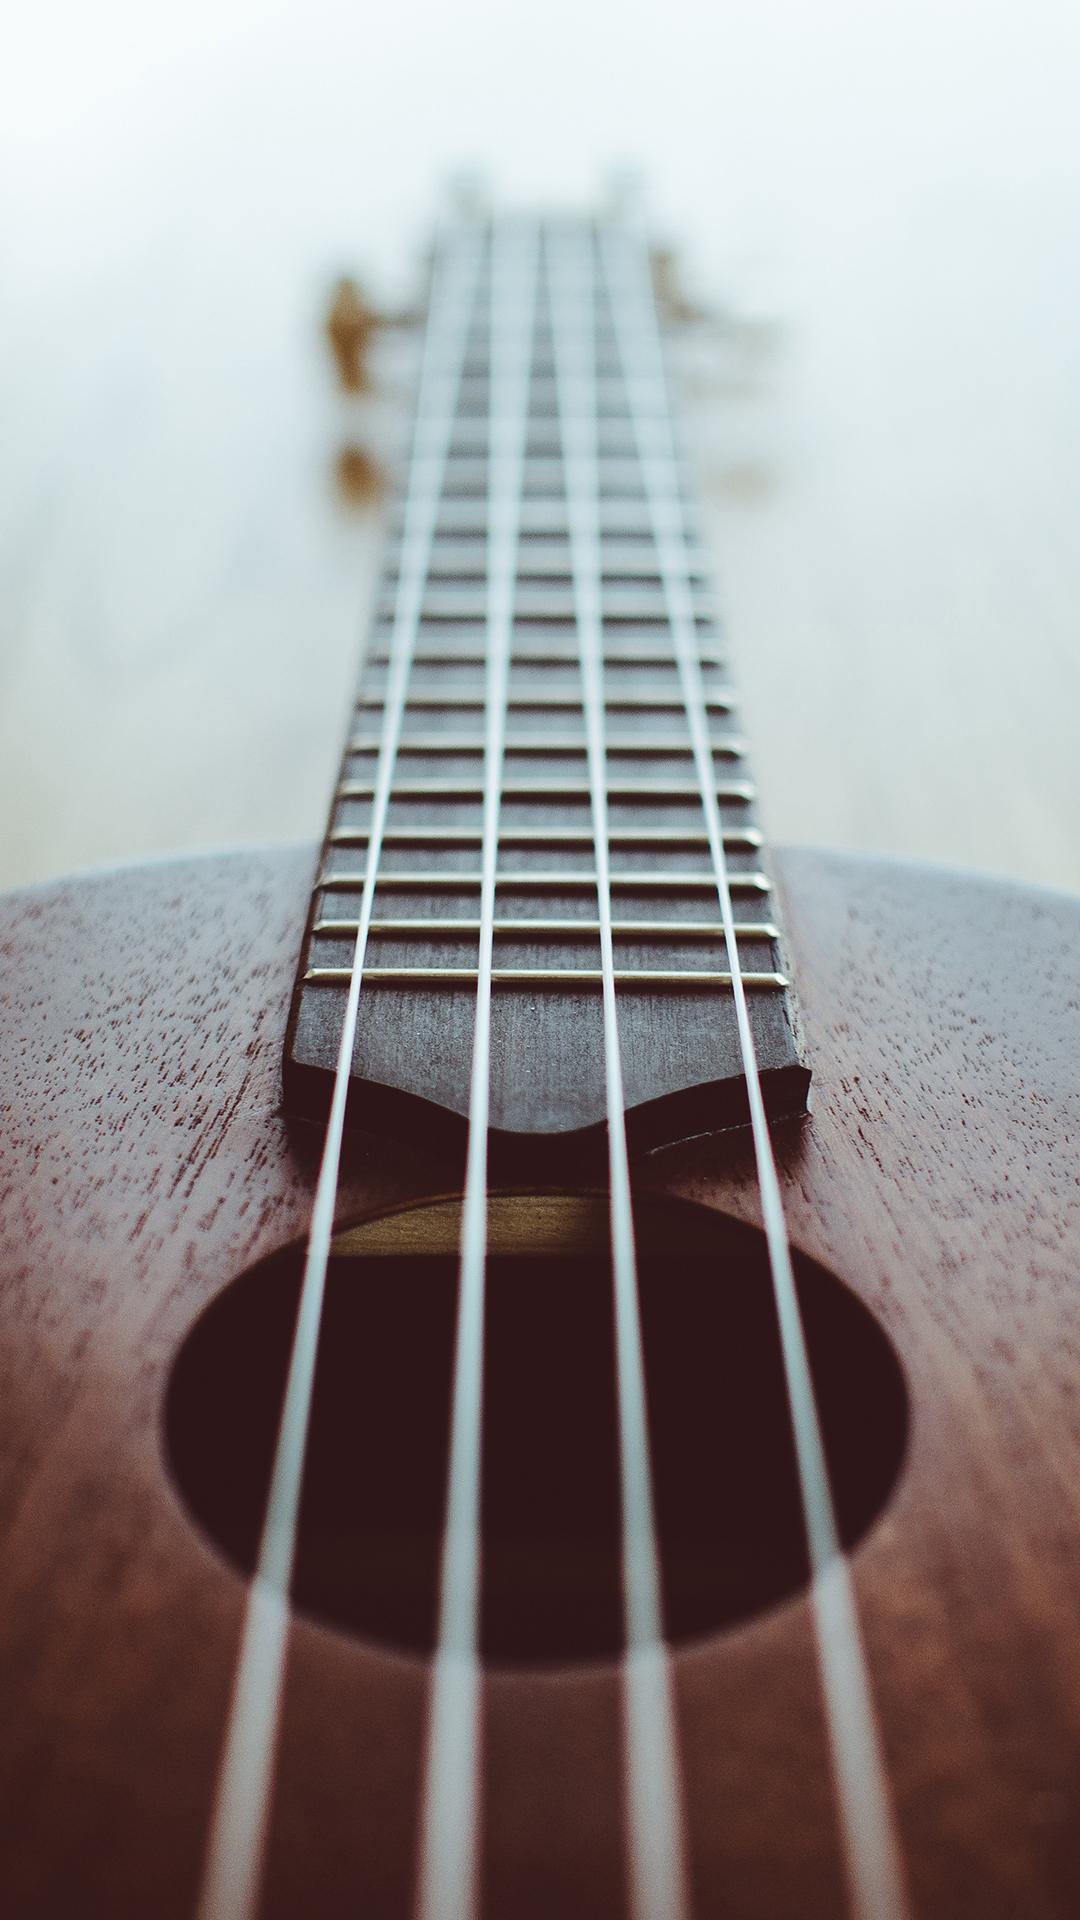 Fantastic Wallpaper Home Screen Guitar - guitar-7789  Trends_139068.jpg